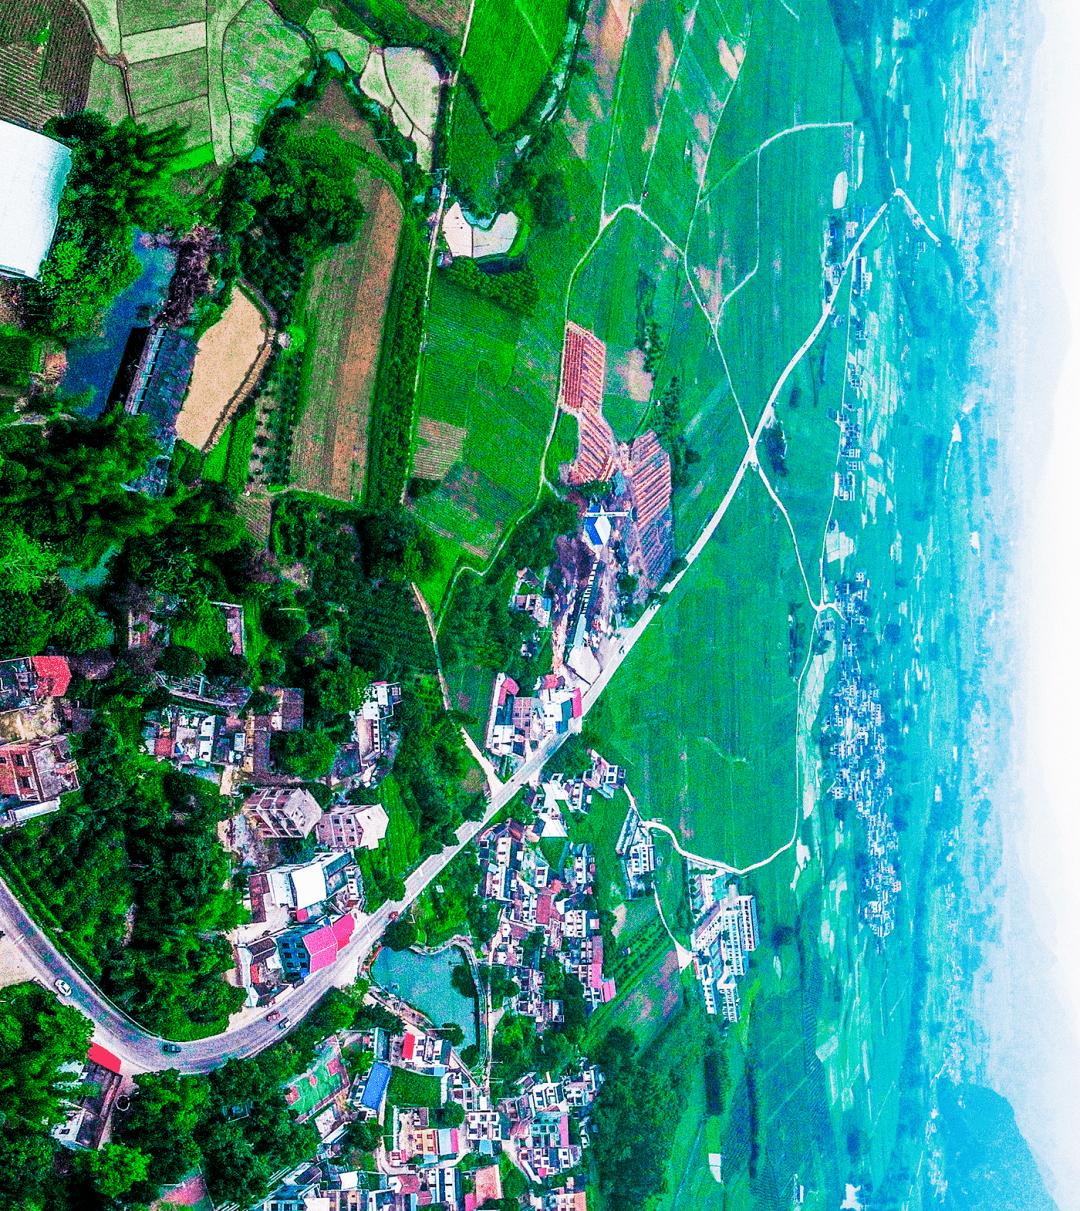 来宾这个村就是旅游景区,风景优美全国皆知!是你的家乡吗?